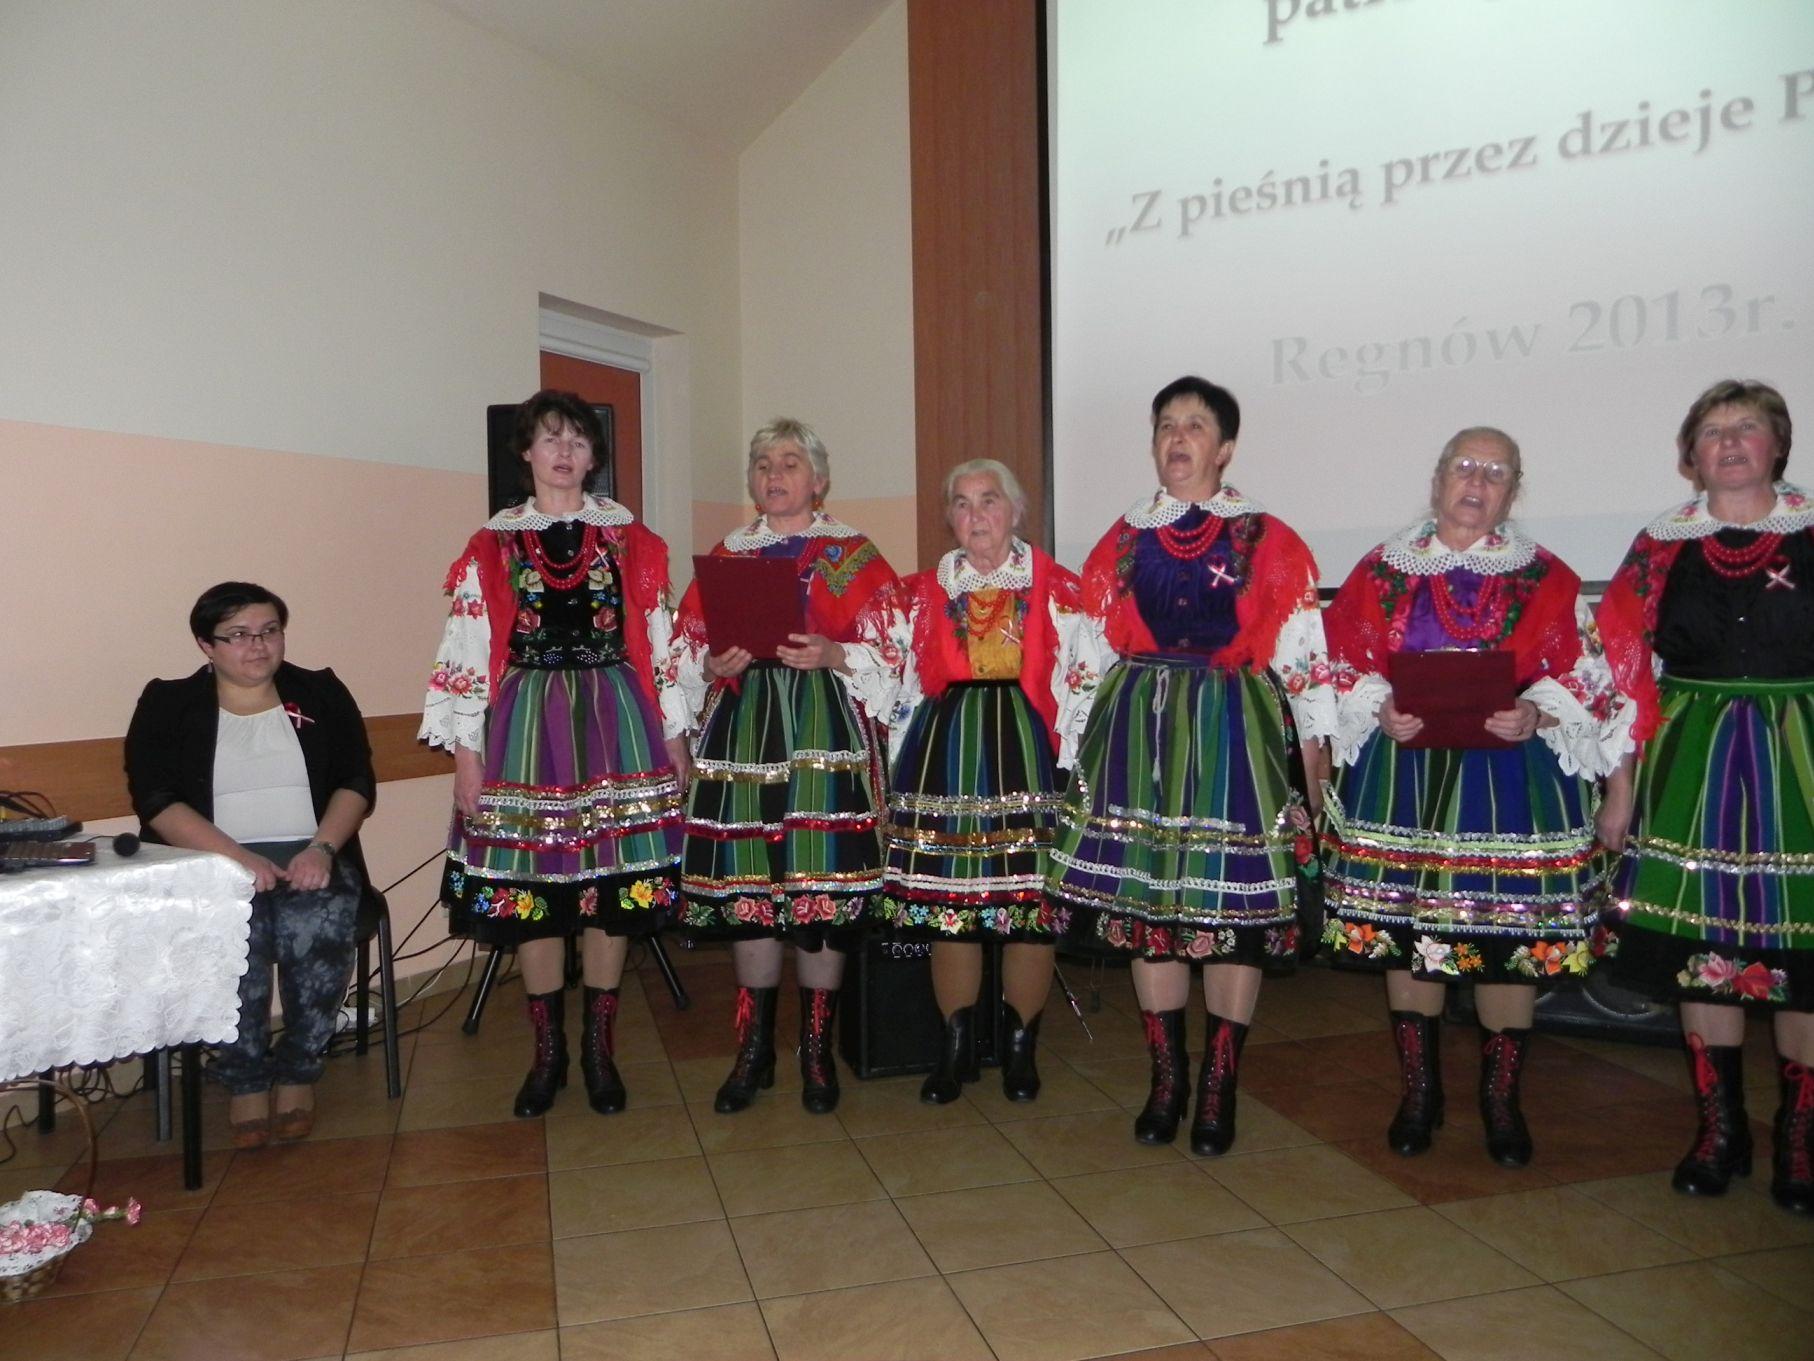 2013-11-09 11 listopada - Regnów (36)